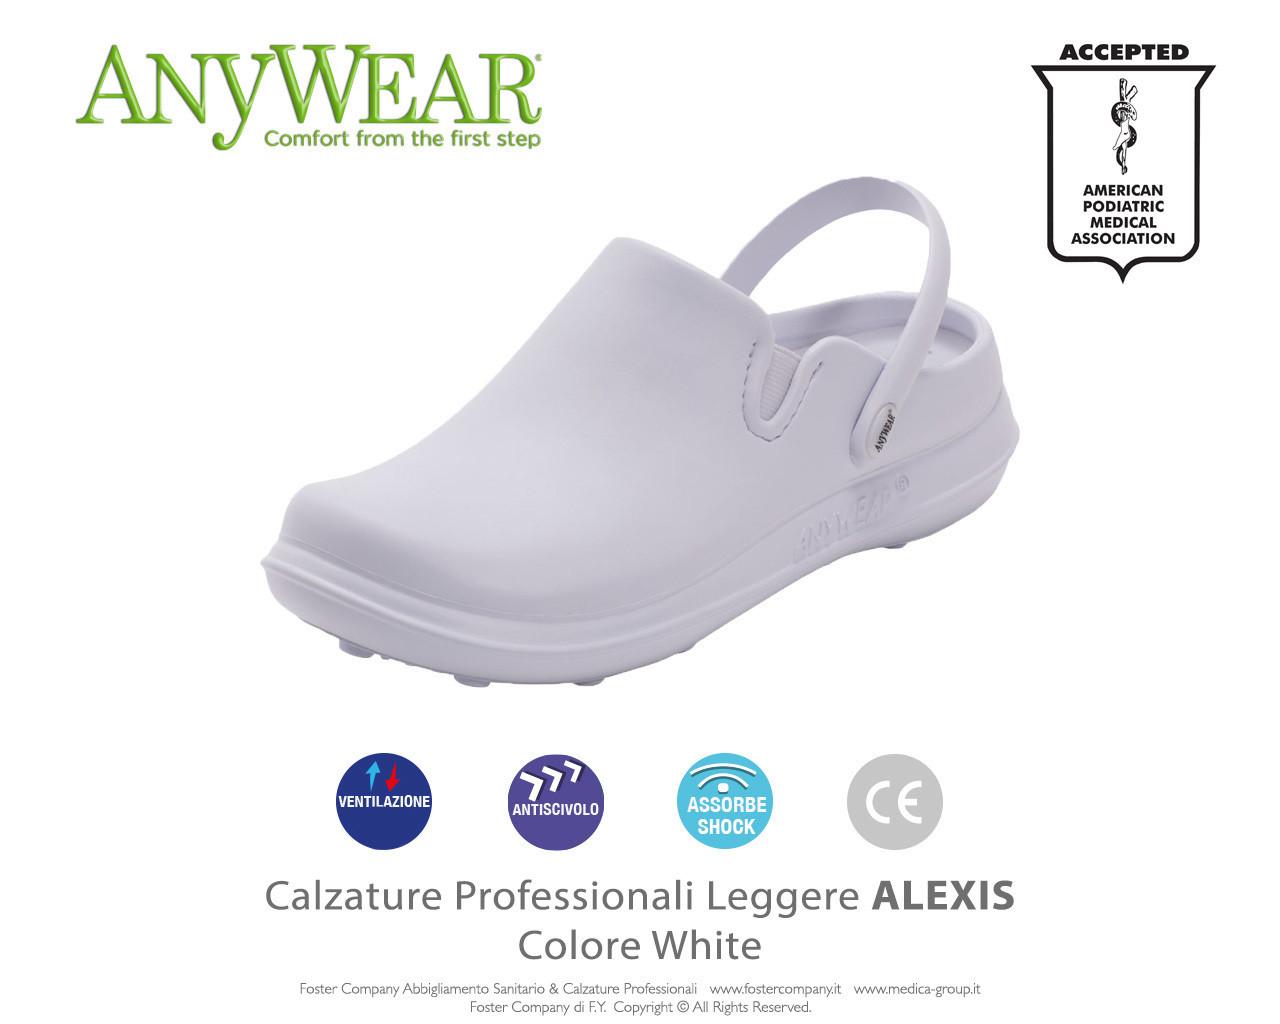 Calzature Professionali Anywear ALEXIS Colore White - FINE SERIE